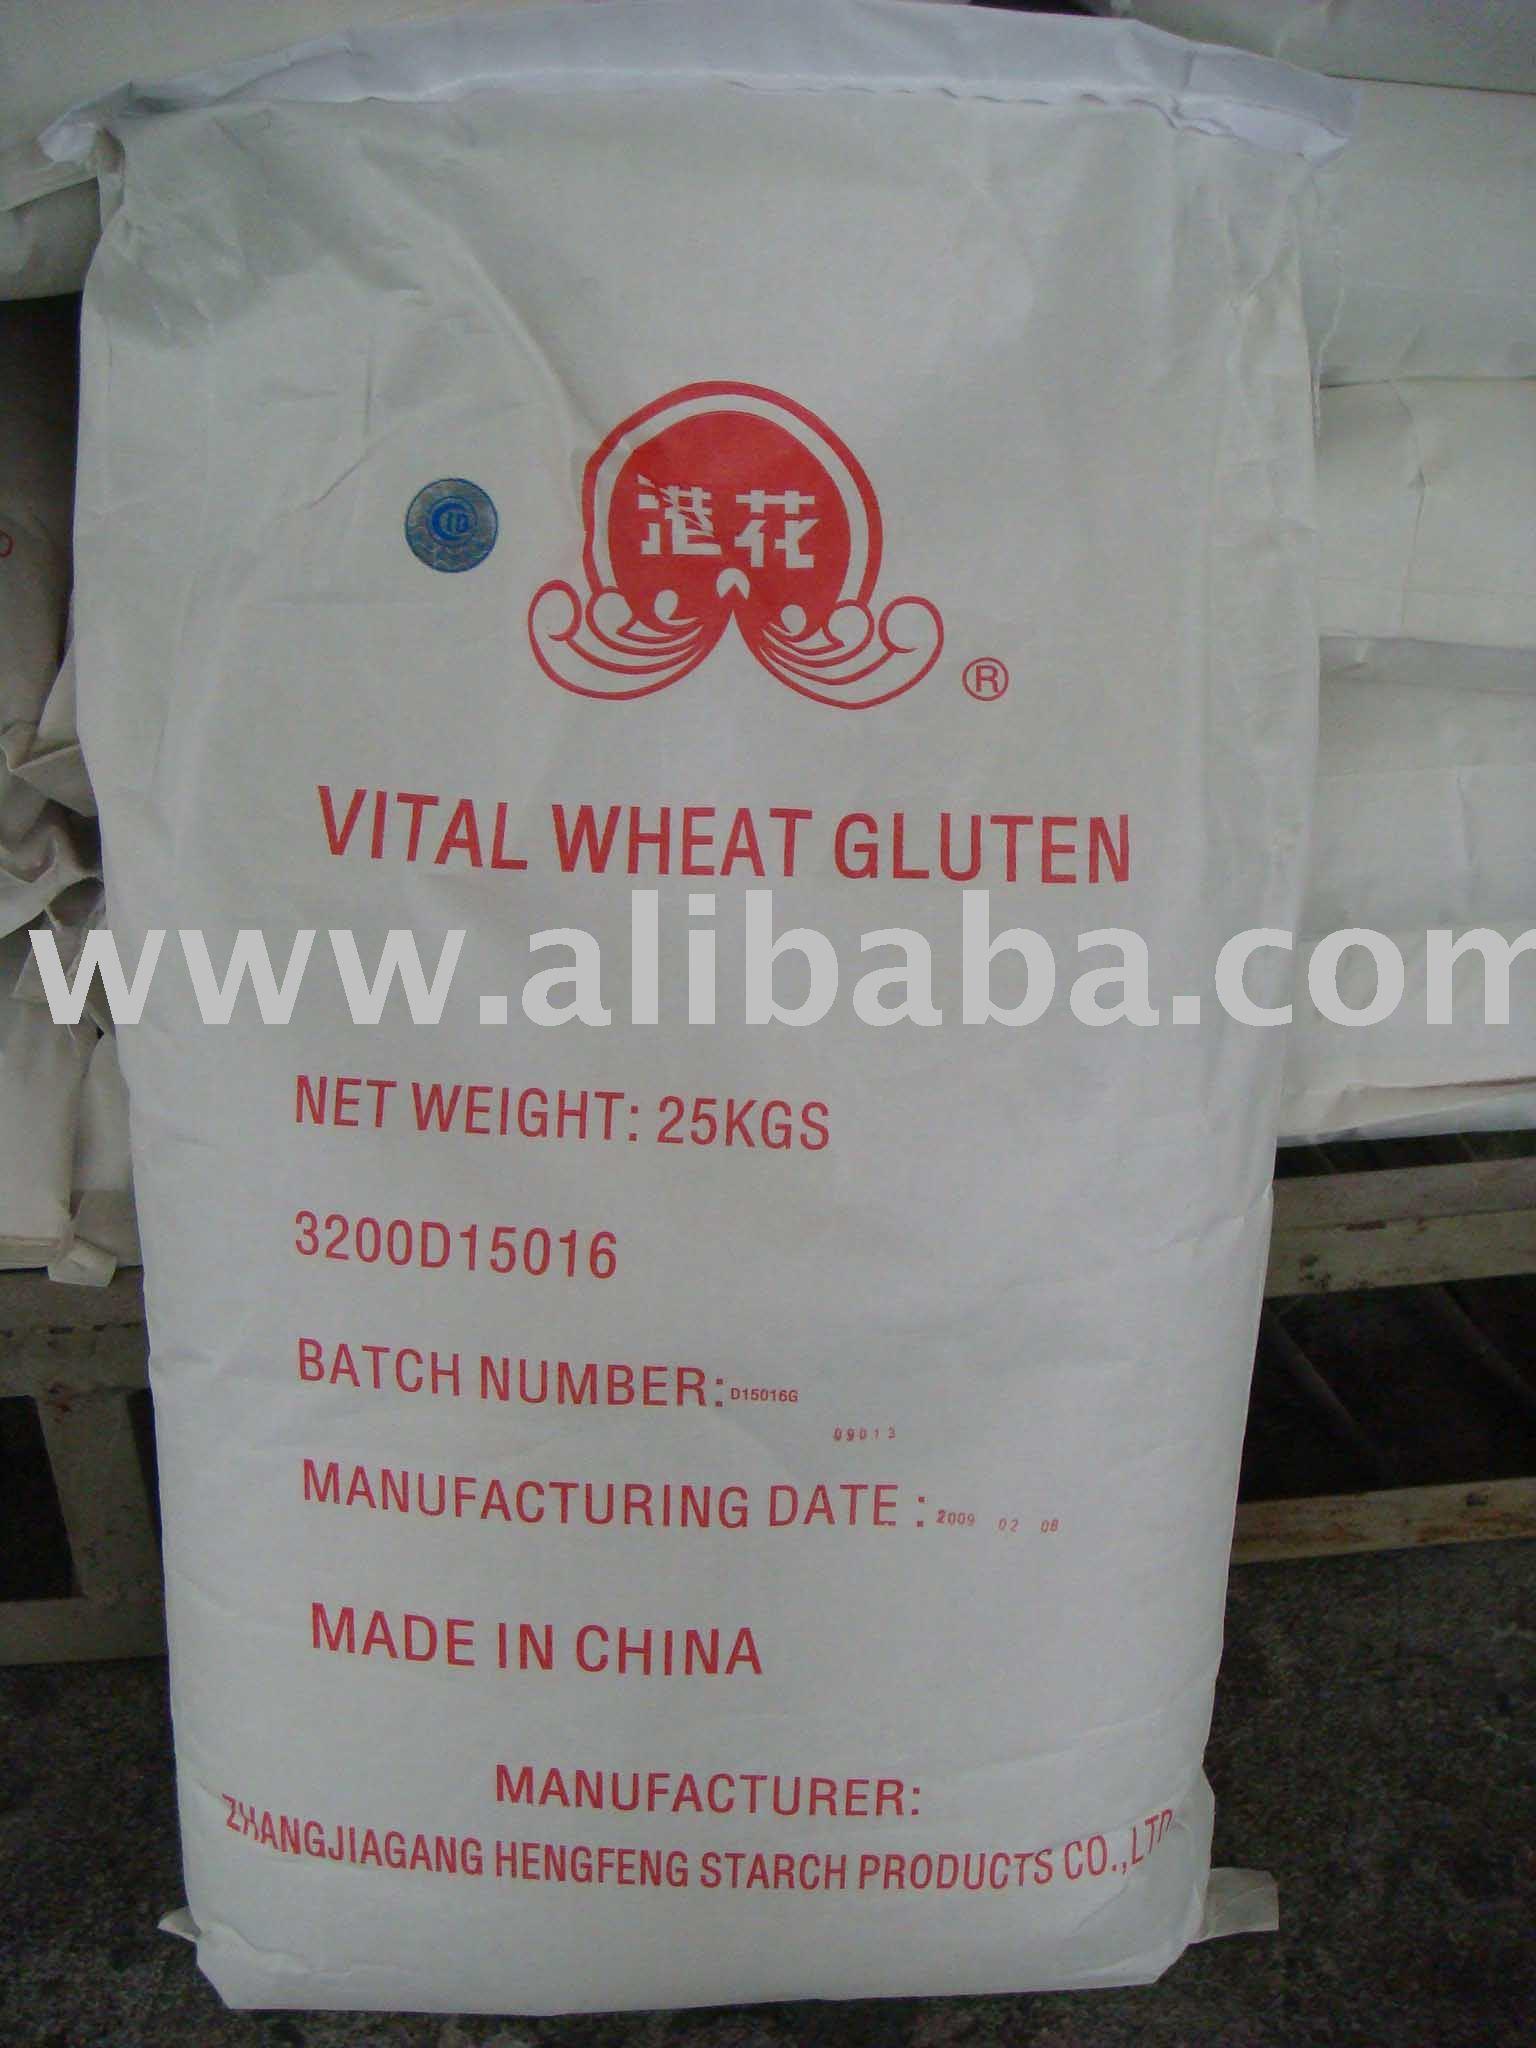 Vwg, Vital wheat gluten (Food Grade) products,China Vwg